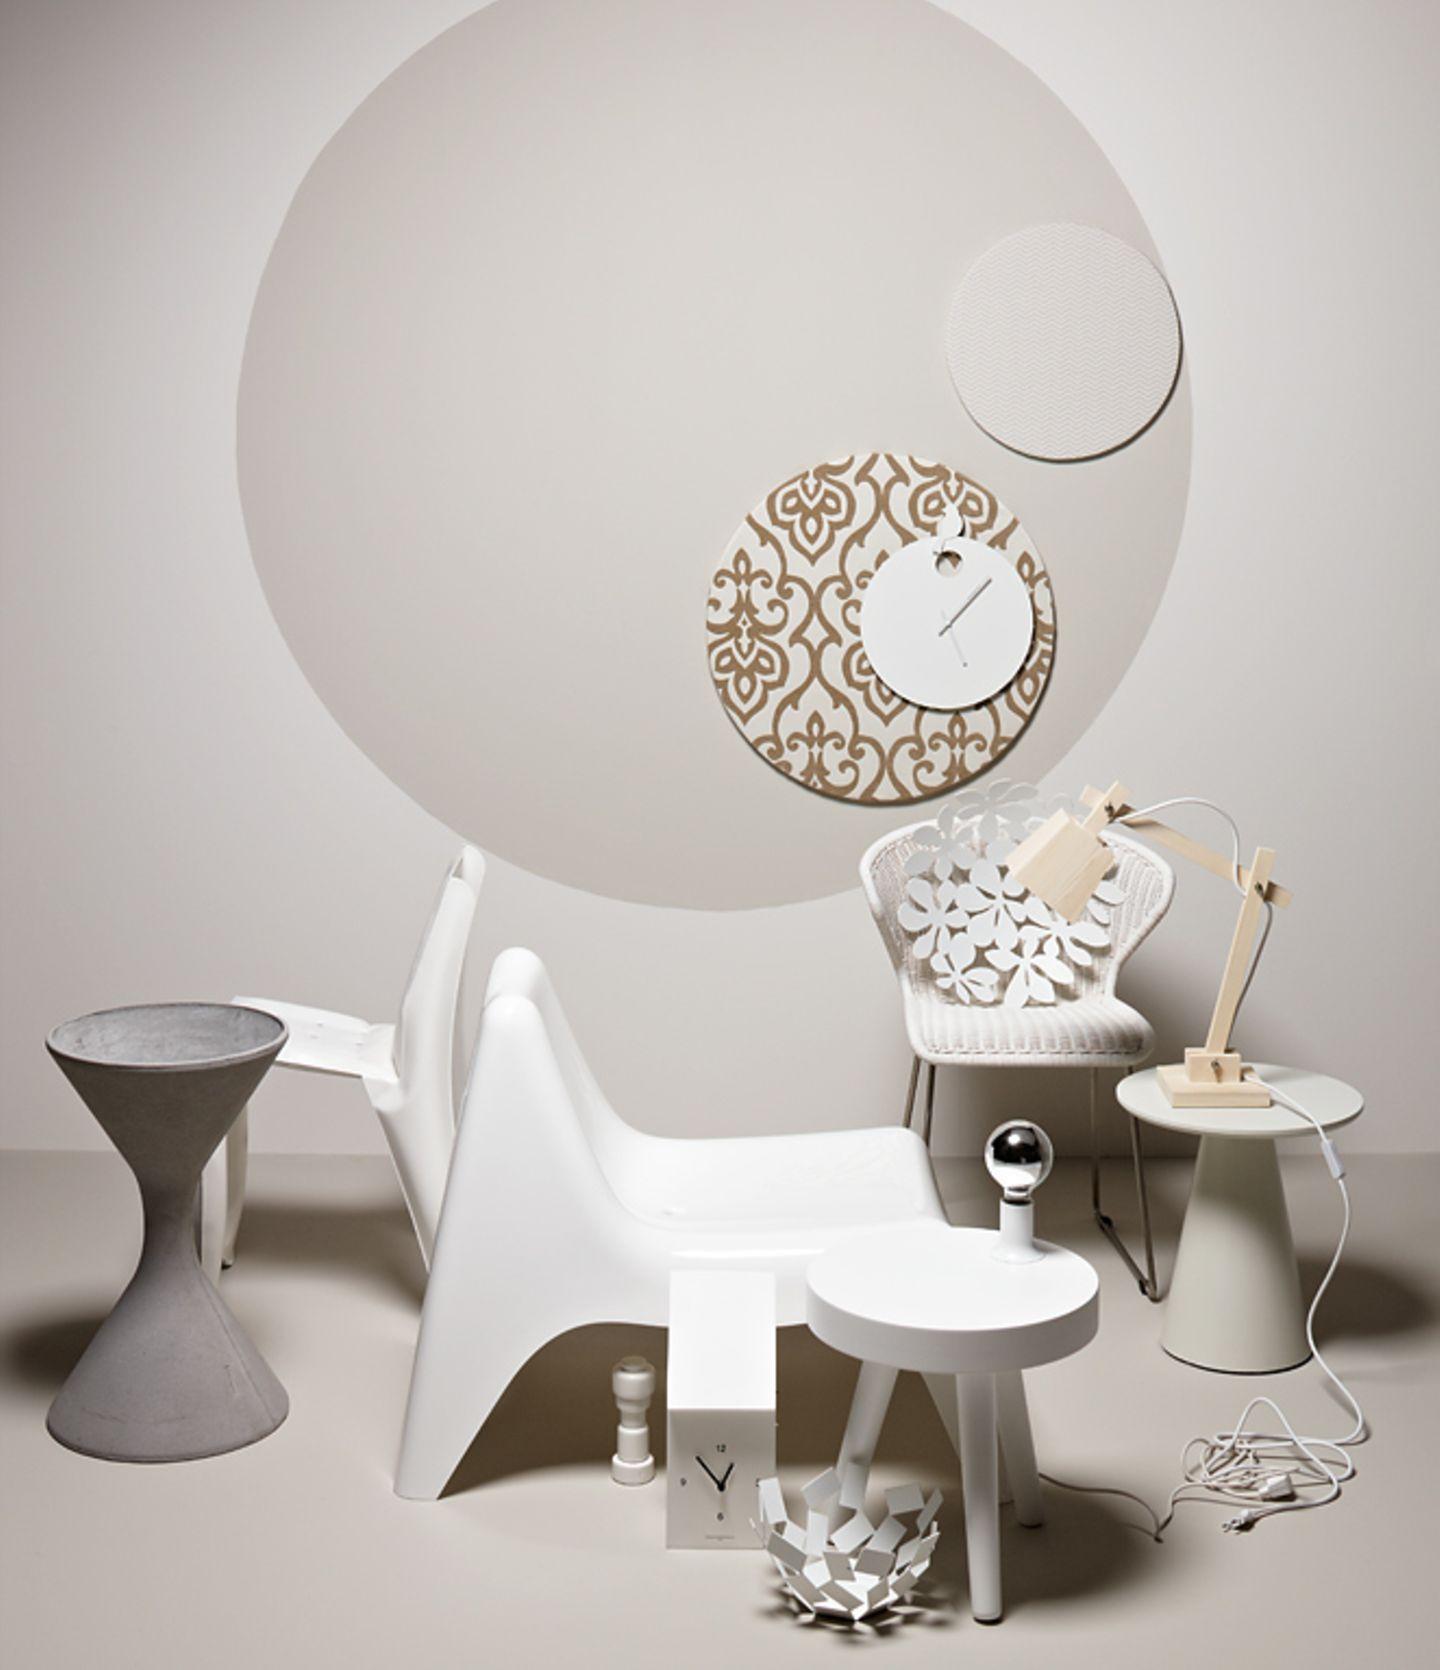 Ruhig: Sandtöne zu Weiß und hellem Holz